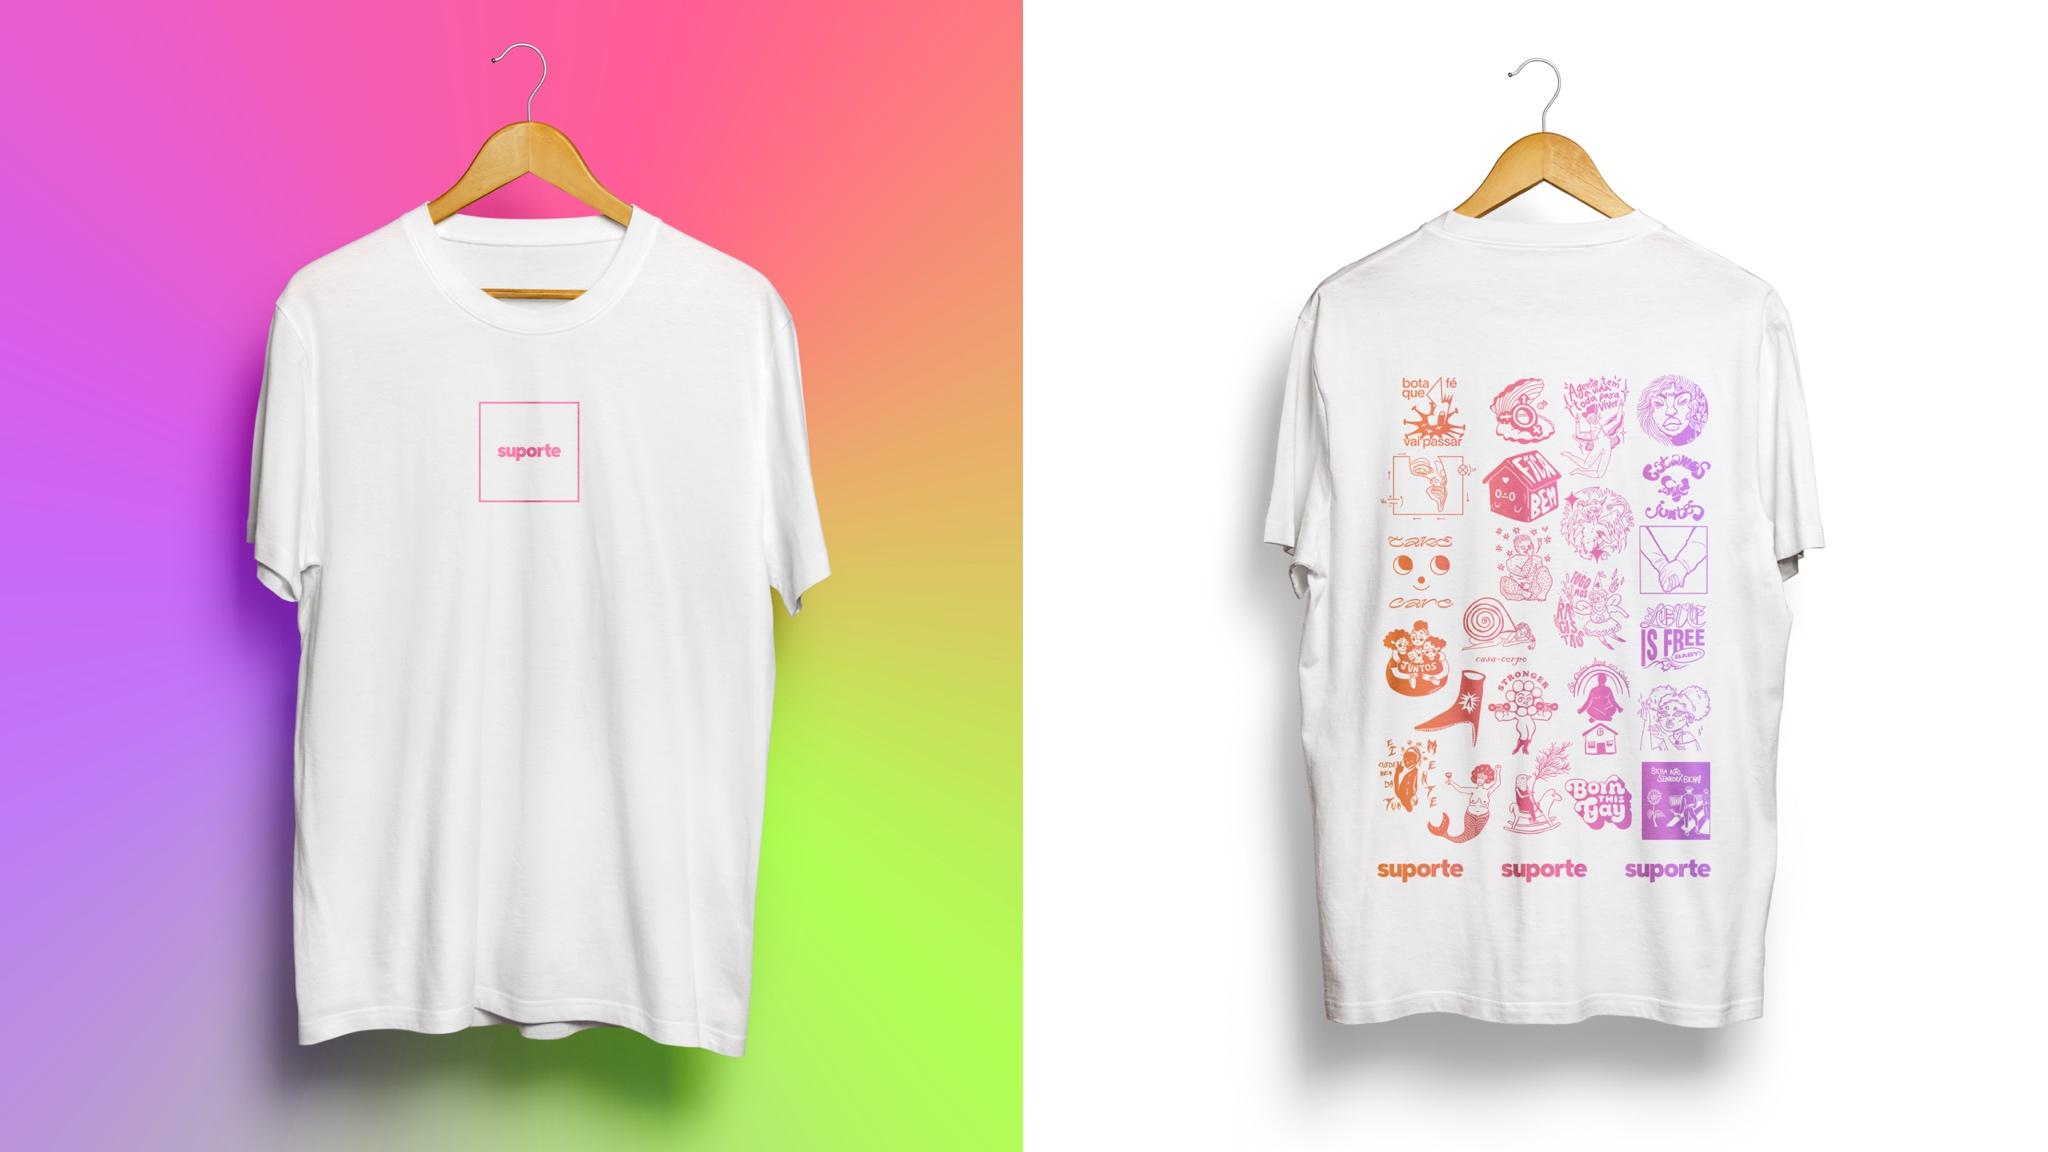 Camiseta que está à venda feita por artistas LGBTQIA+ do projeto Suporte / Cortesia